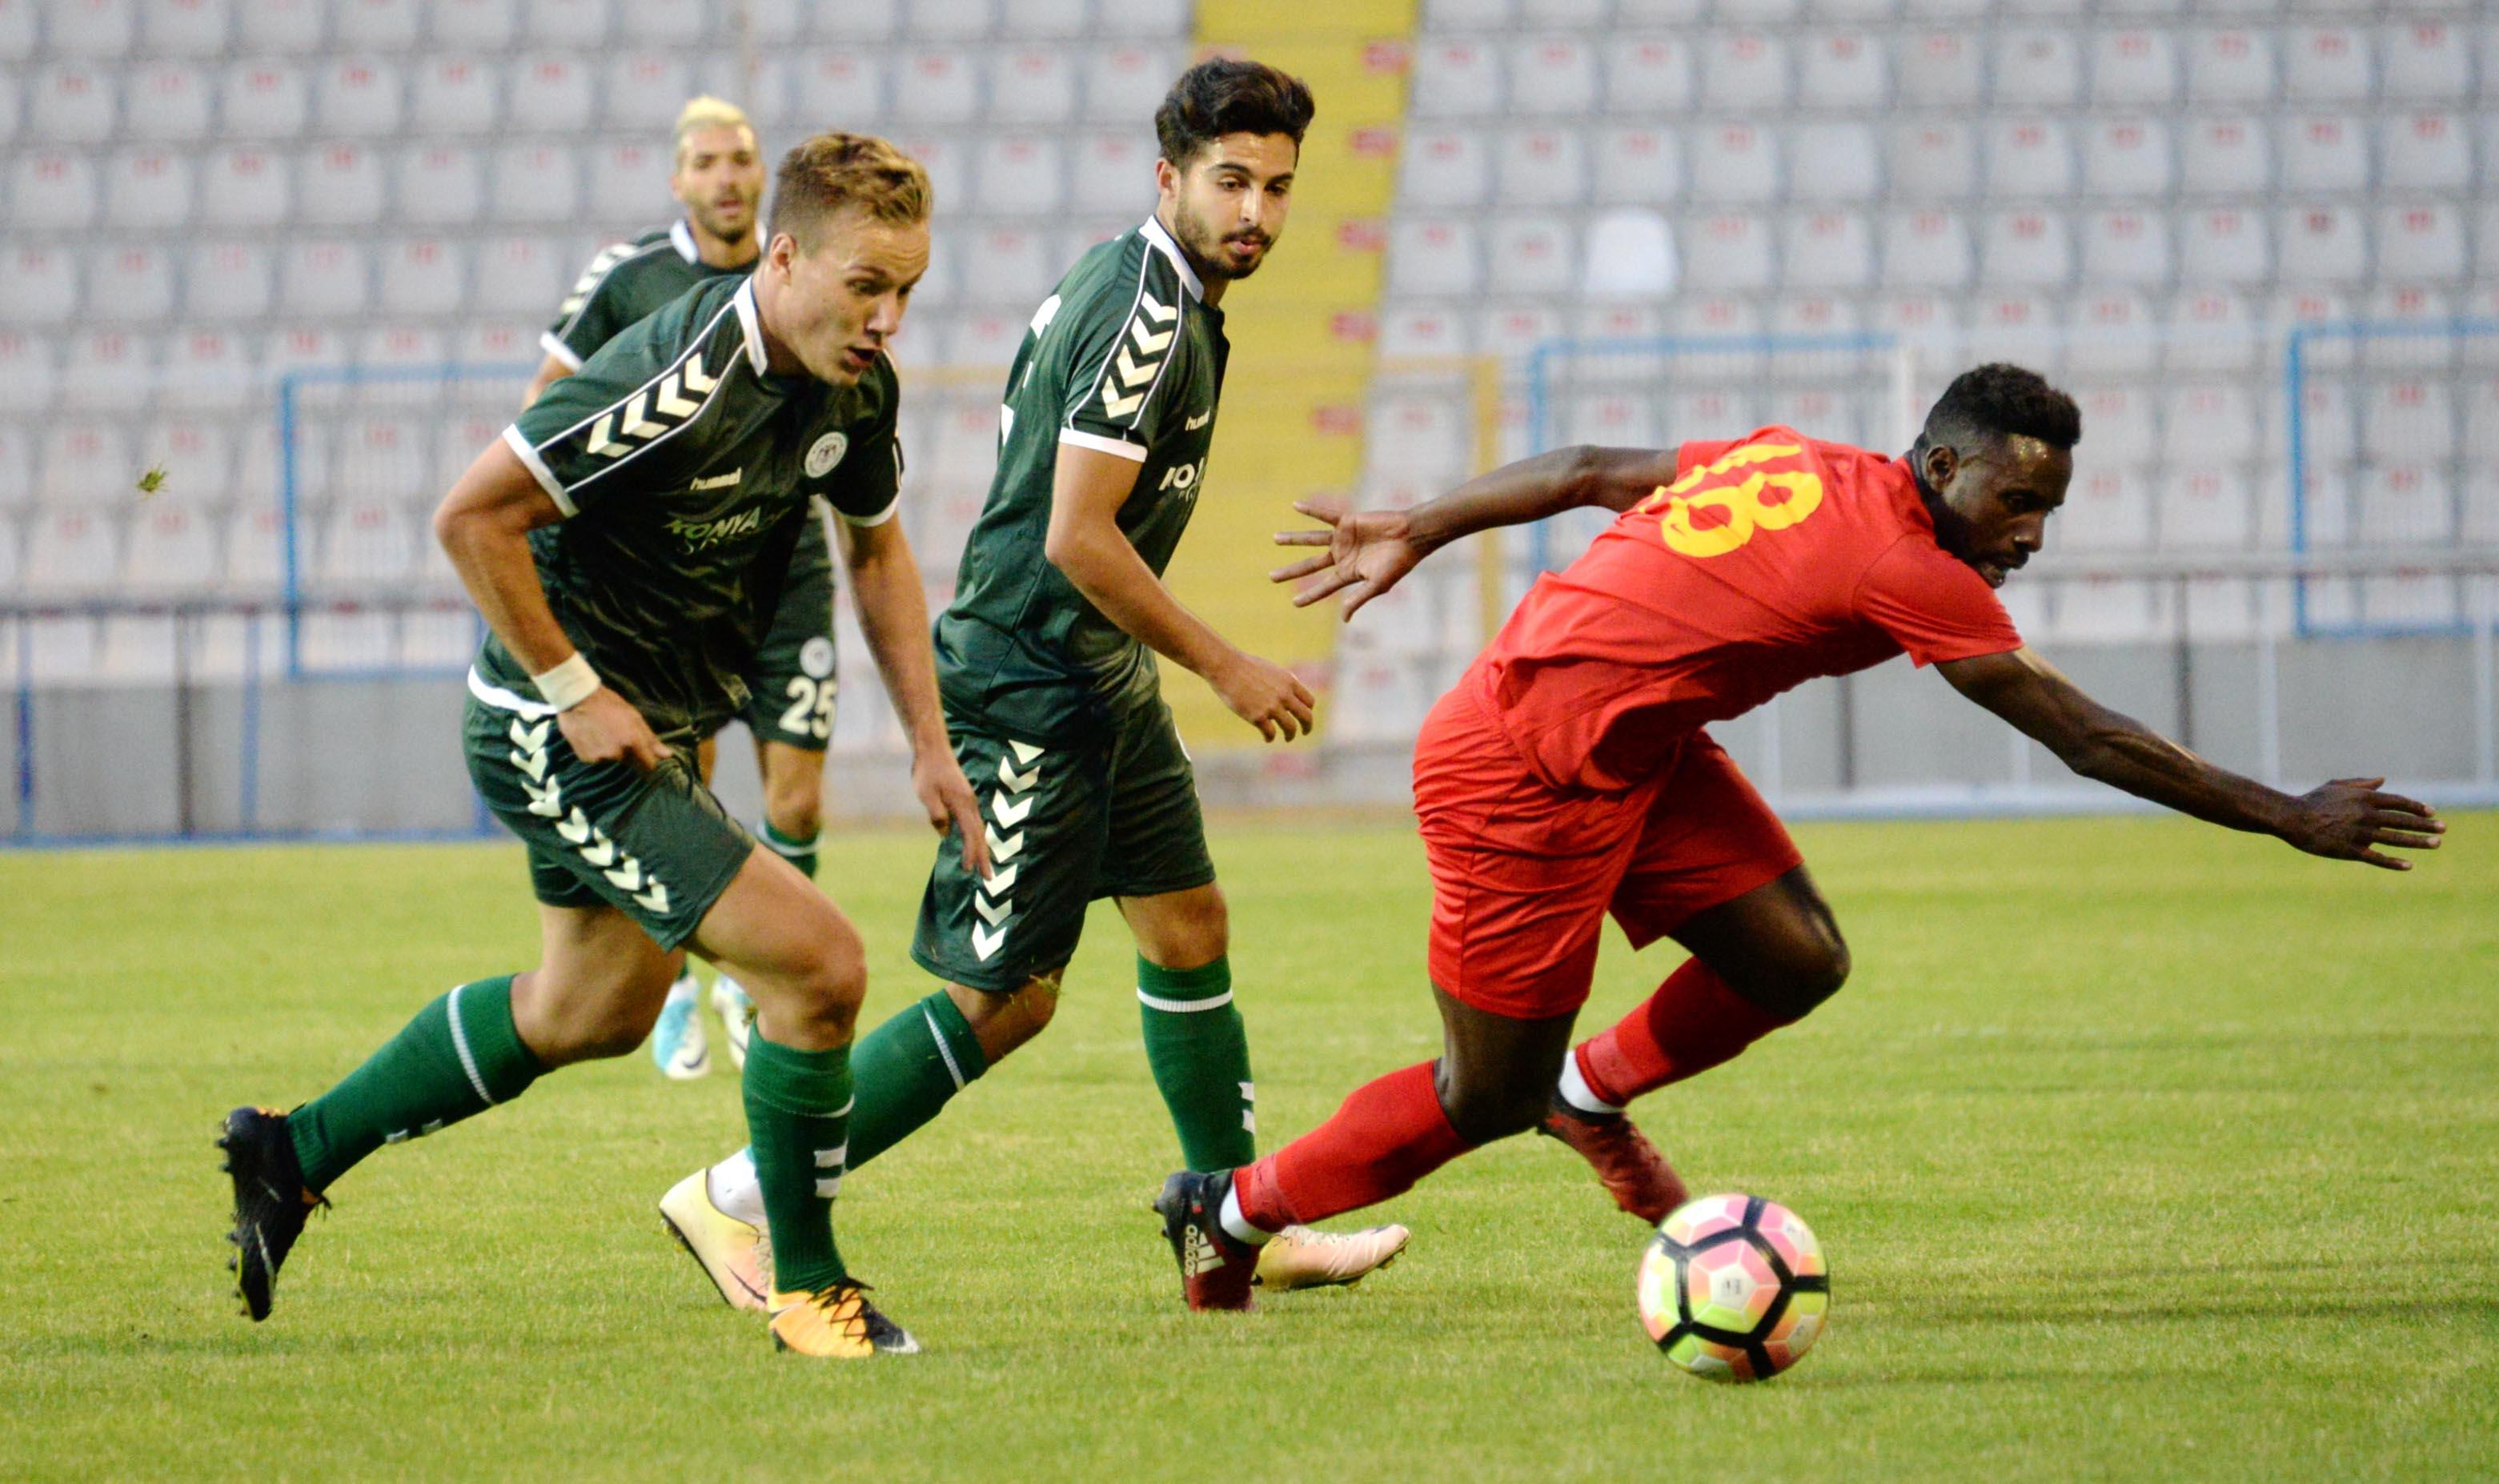 15 Temmuz şehitleri futbol turnuvası:Atiker Konyaspor: 2 - Kayserispor: 1 ÖZET